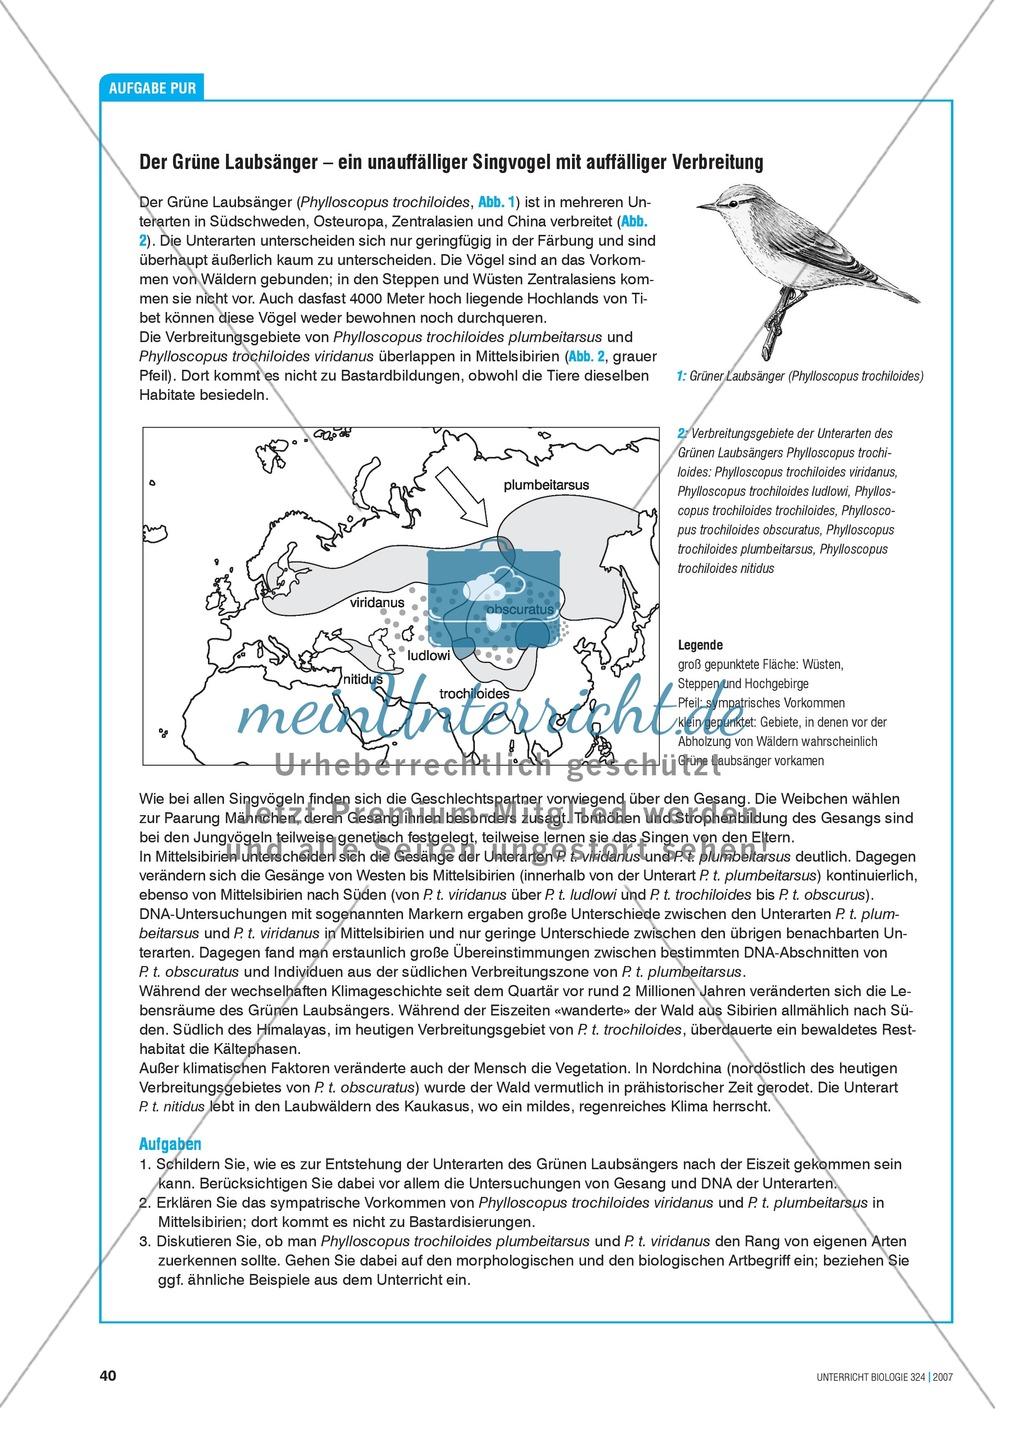 Der grüne Laubsänger - ein unauffälliger Singvogel mit auffälliger Verbreitung Preview 1